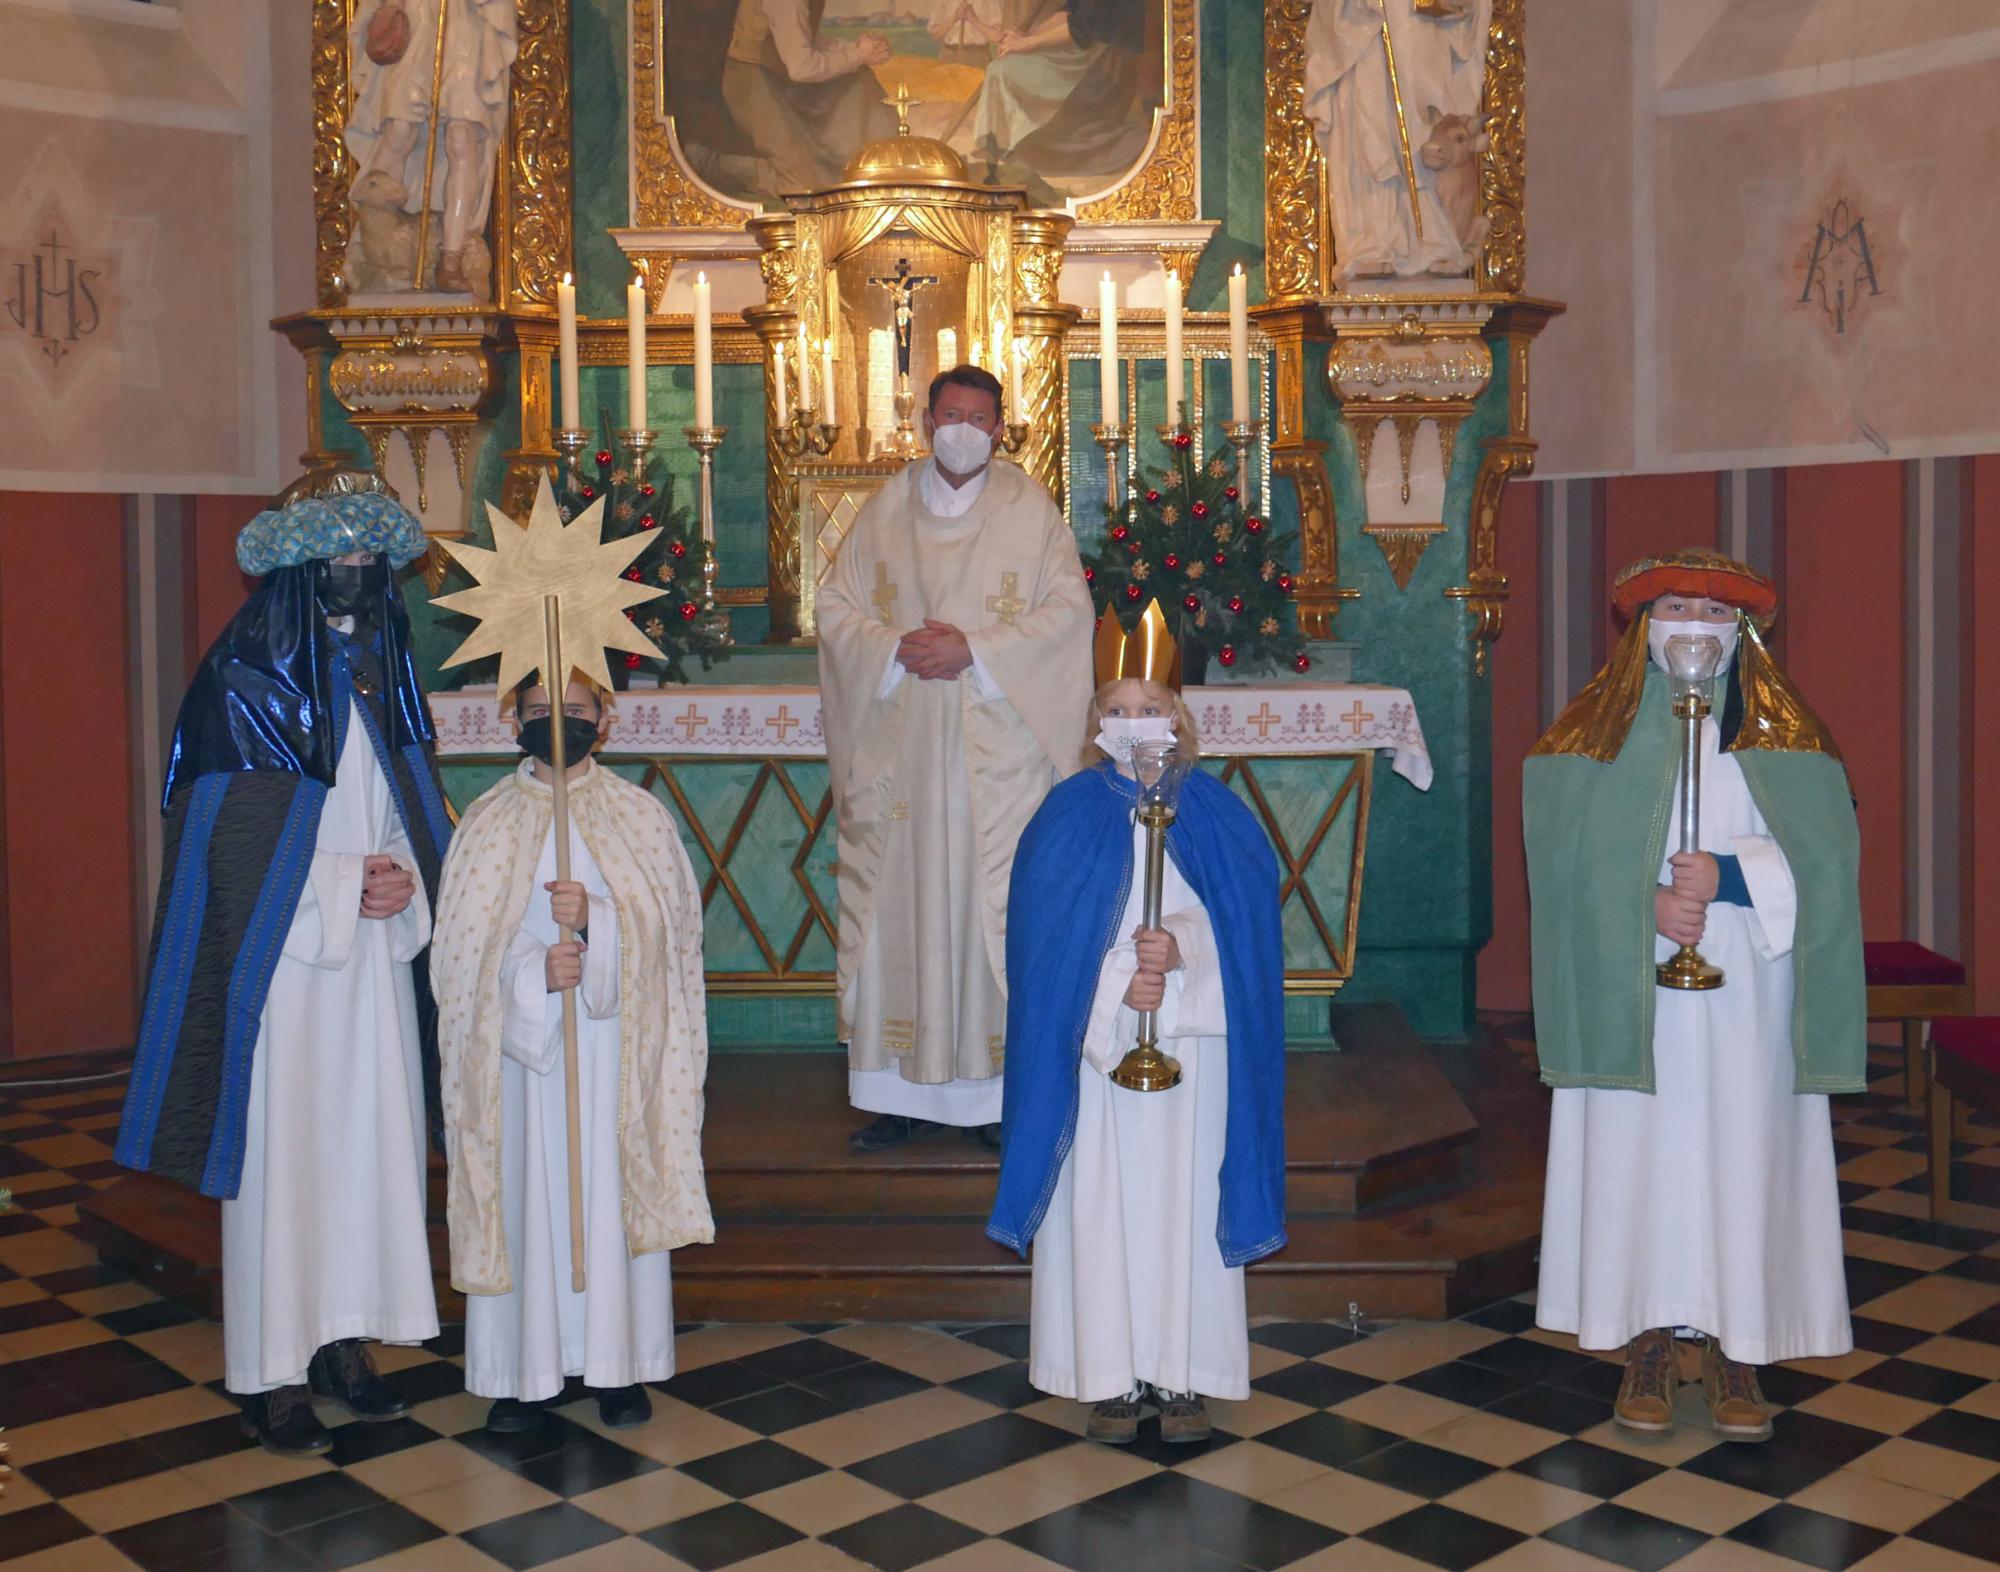 Neujahrs Gottesdienst in der Kirche Ulbering Bild 1